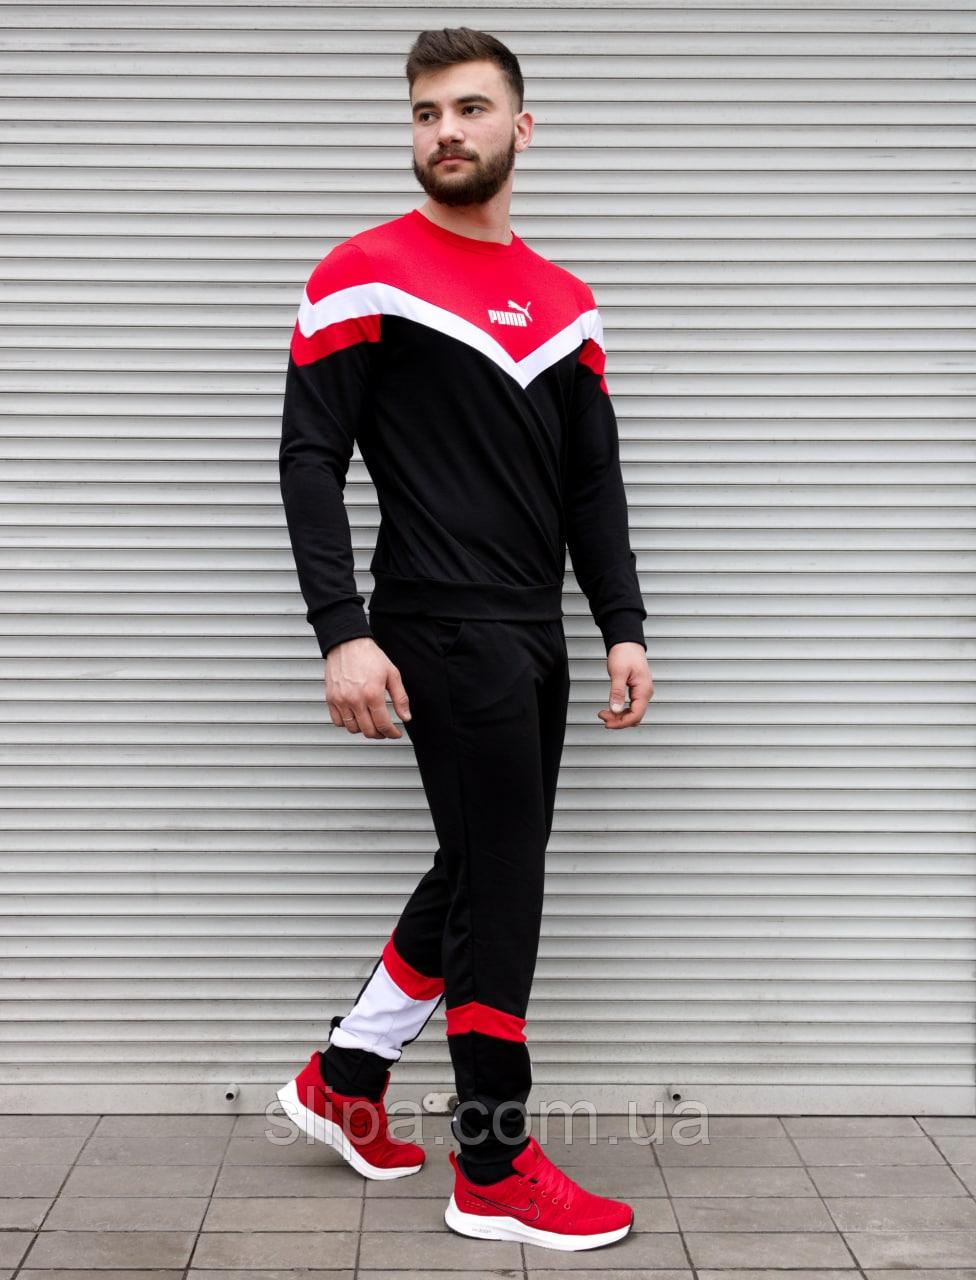 Чорний спортивний костюм Puma з червоними вставками   двухнитка   світшот та штани